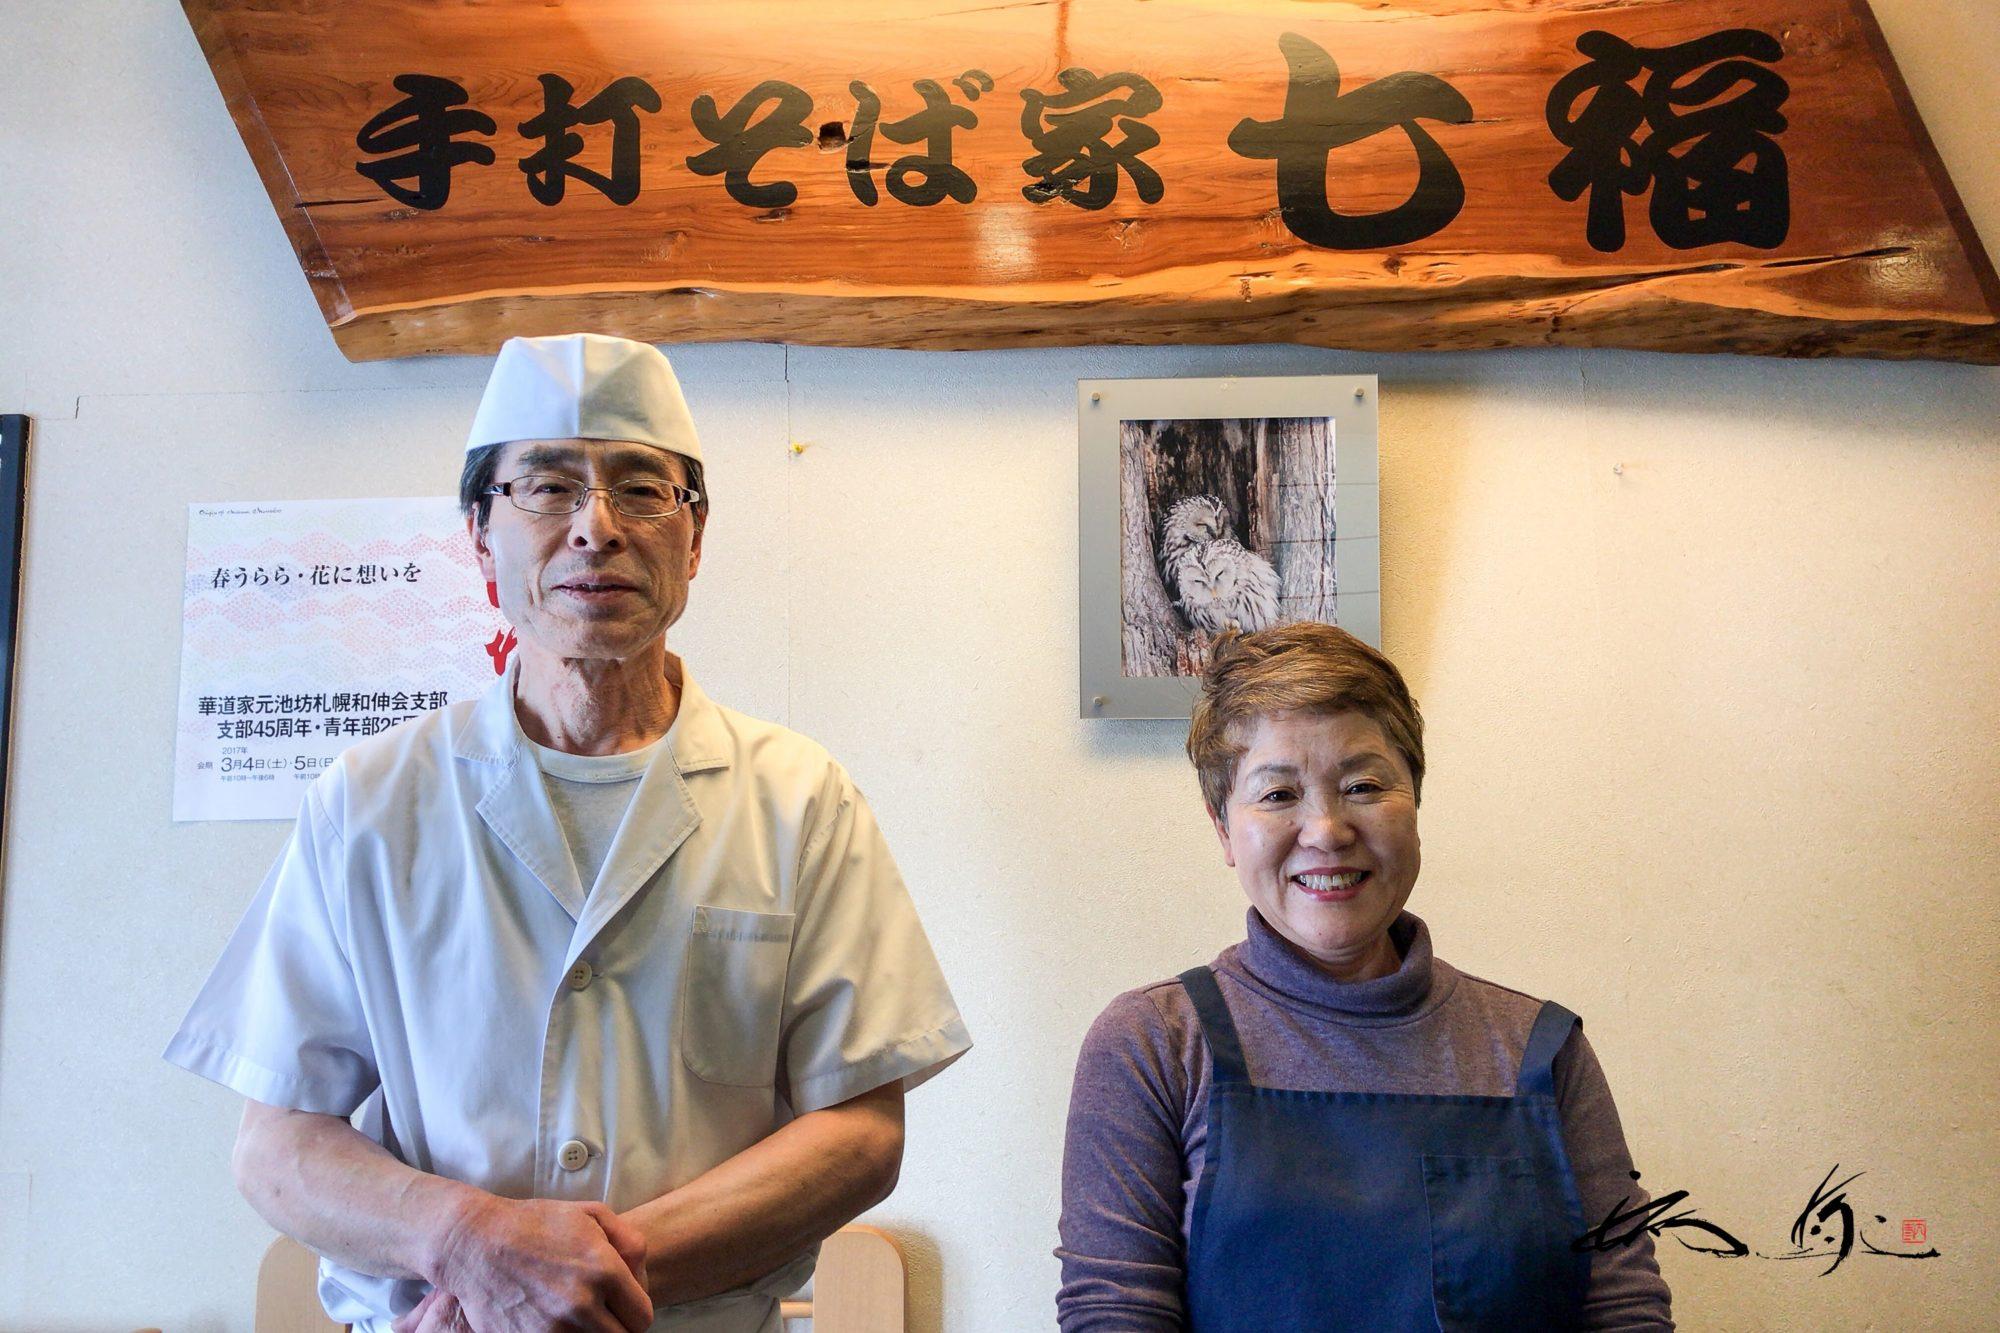 手打ちそば家・七福(新篠津村)で冬季限定「牡蠣せいろ」を頂く